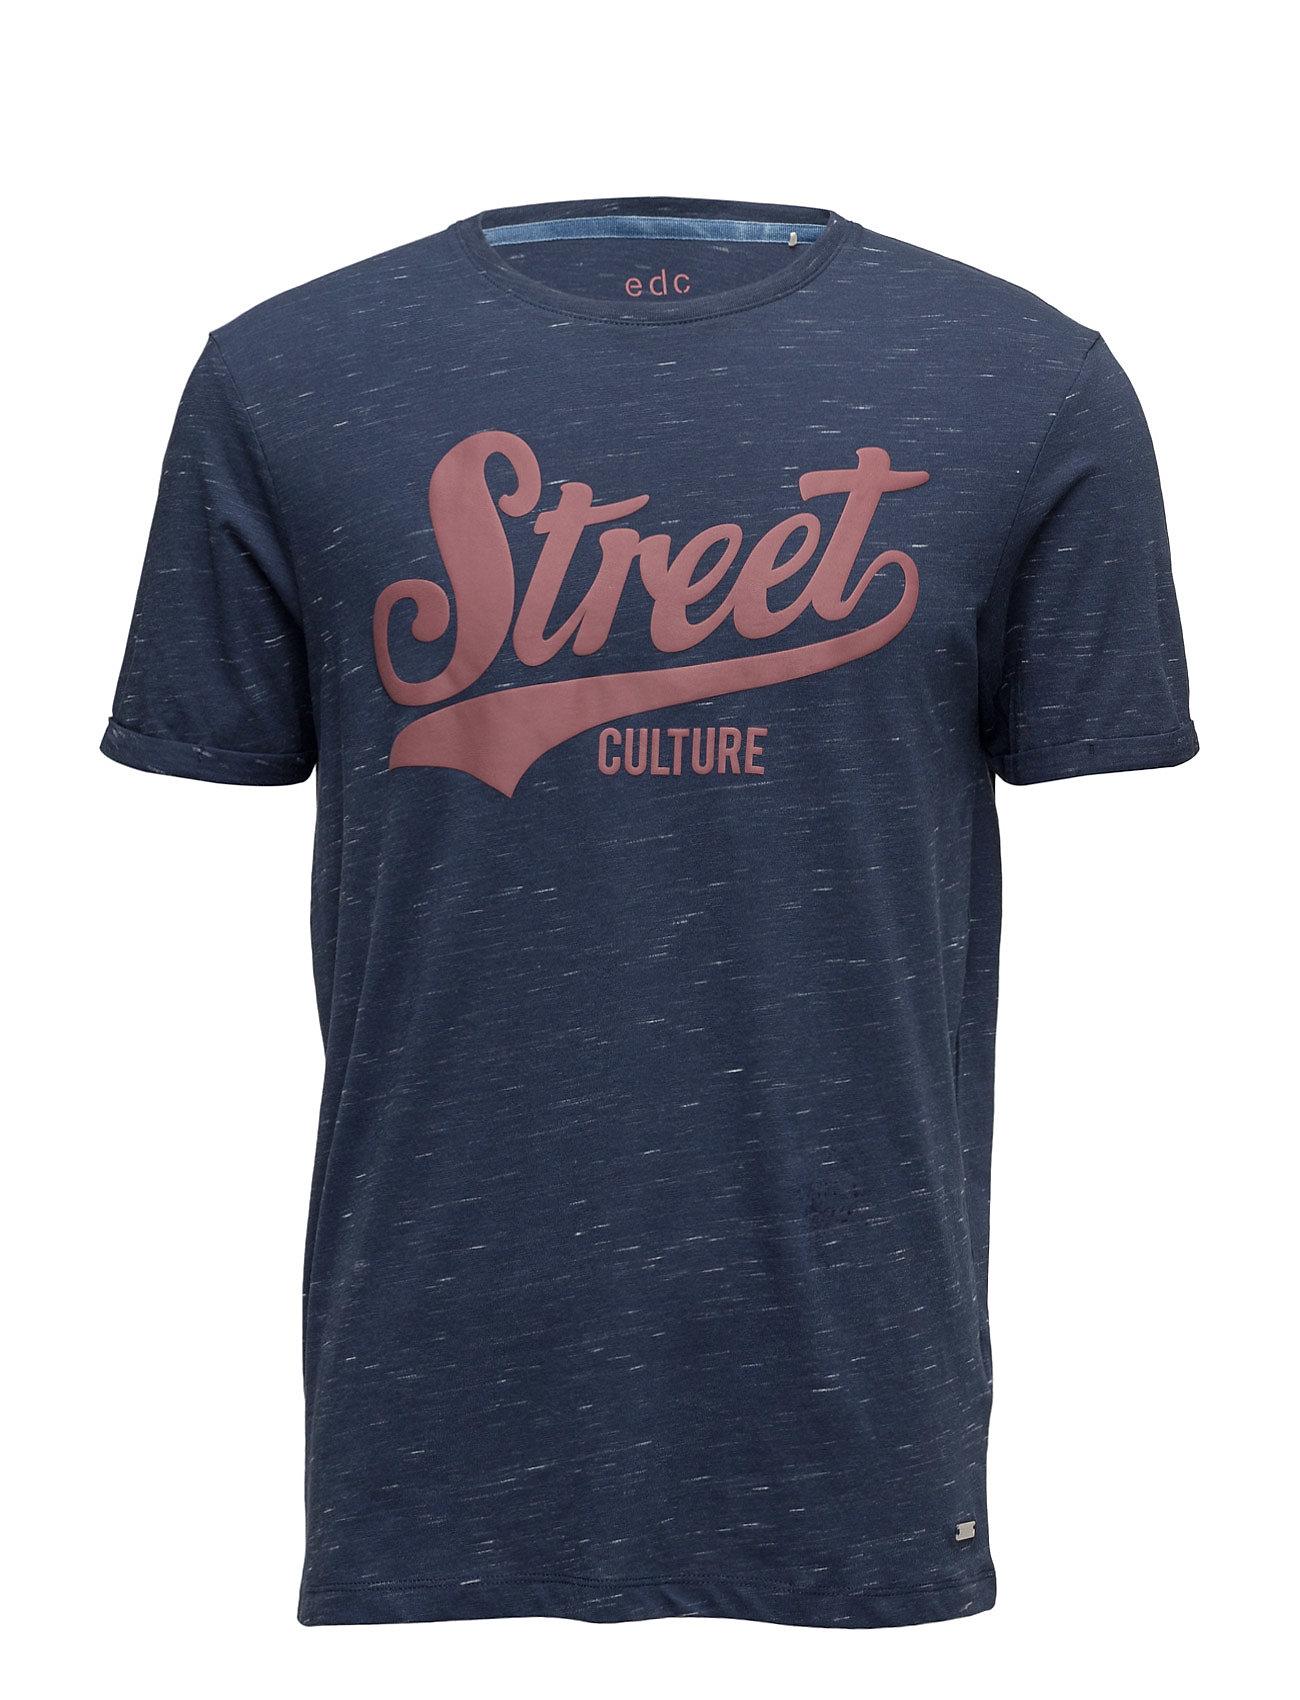 T-Shirts EDC by Esprit Kortærmede til Herrer i Navy blå